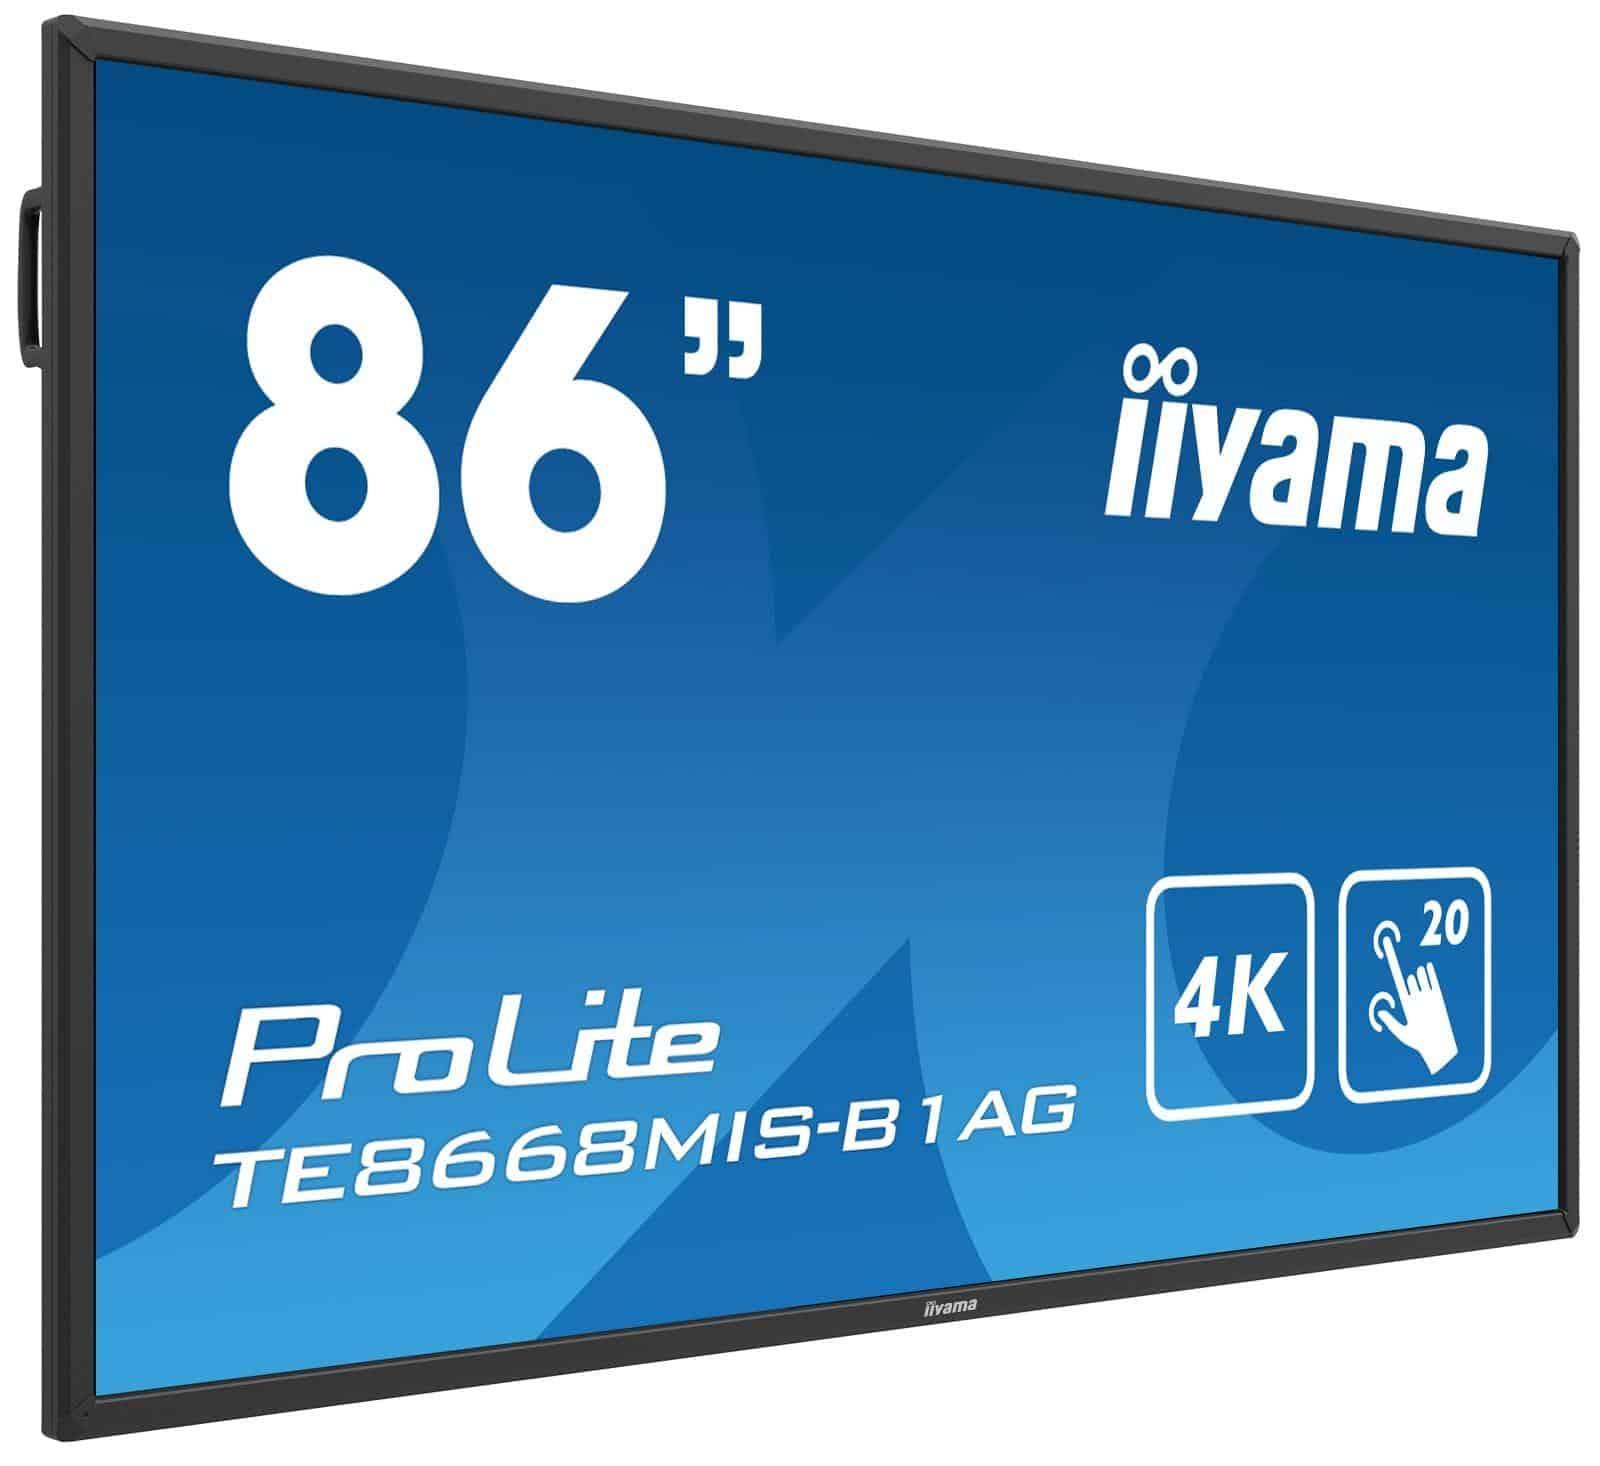 TE8668MIS-B1AG